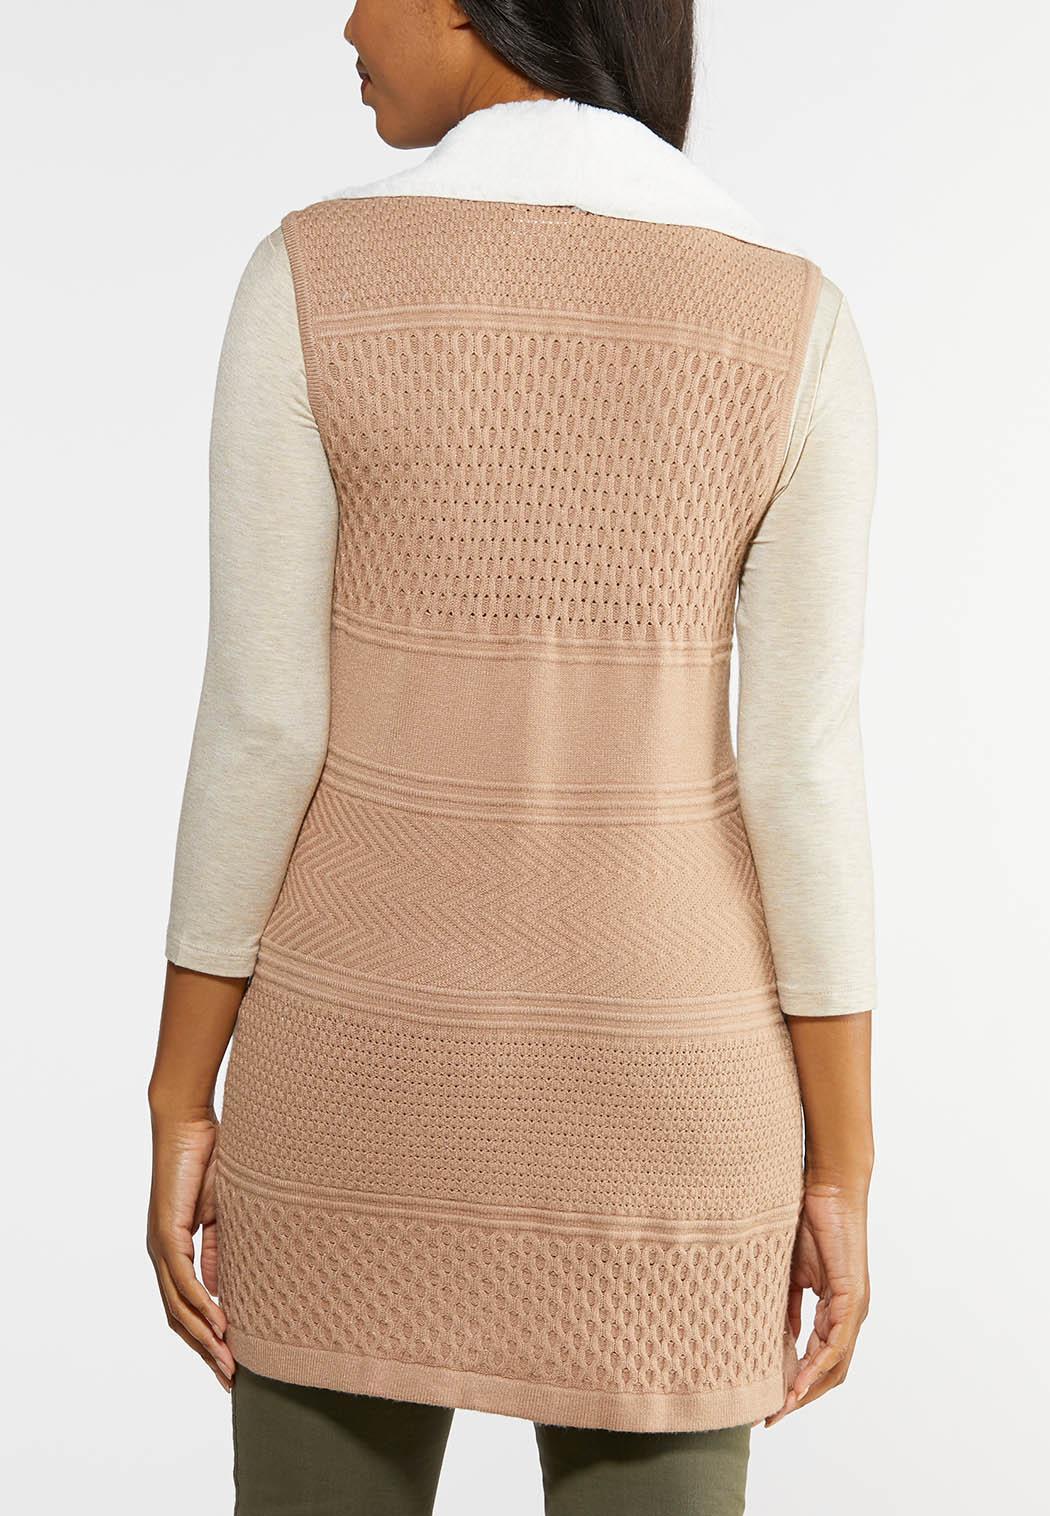 Plus Size Faux Fur Lined Sweater Vest (Item #43993269)